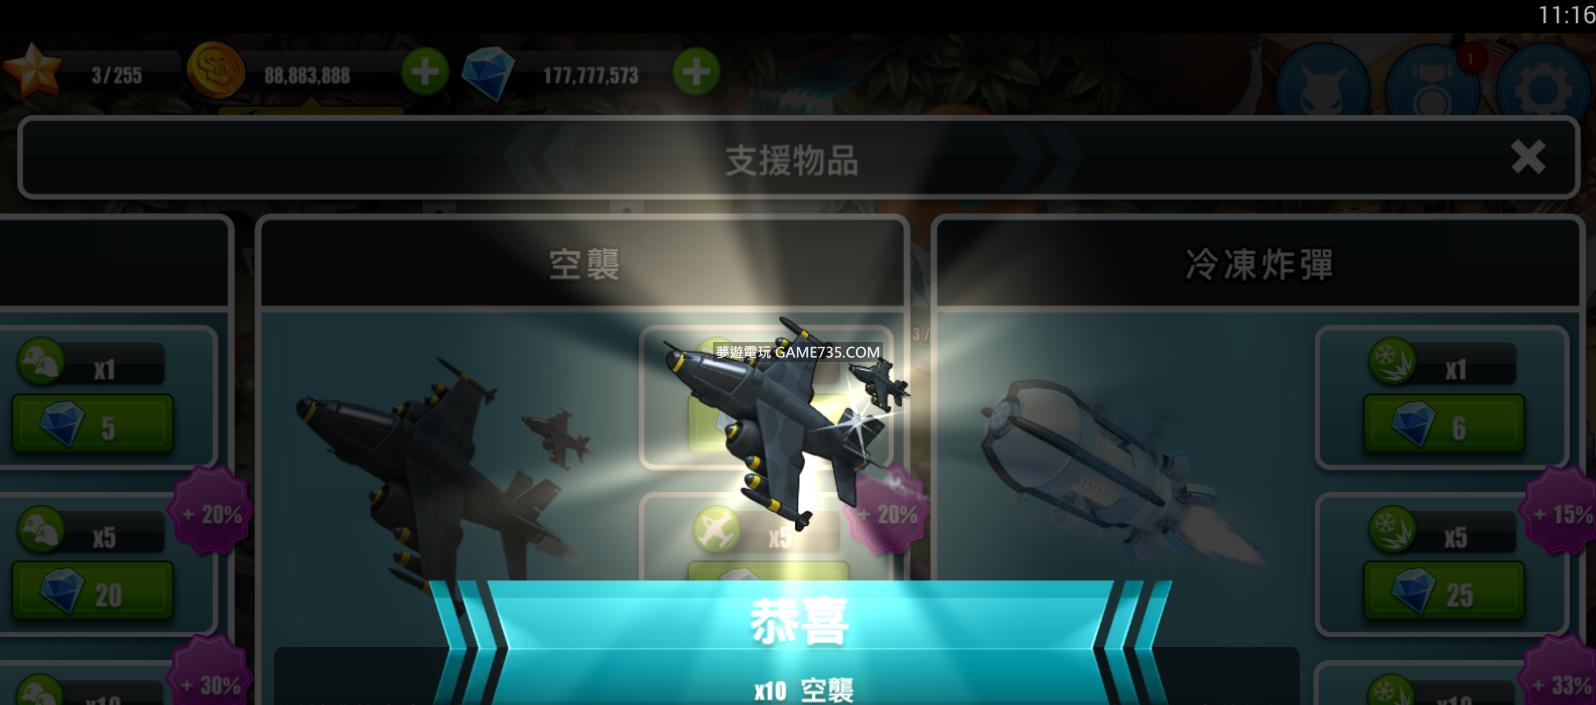 【修改版】Alien Creeps TD 異星入侵 2.31.1 金錢無限+中文 20200526